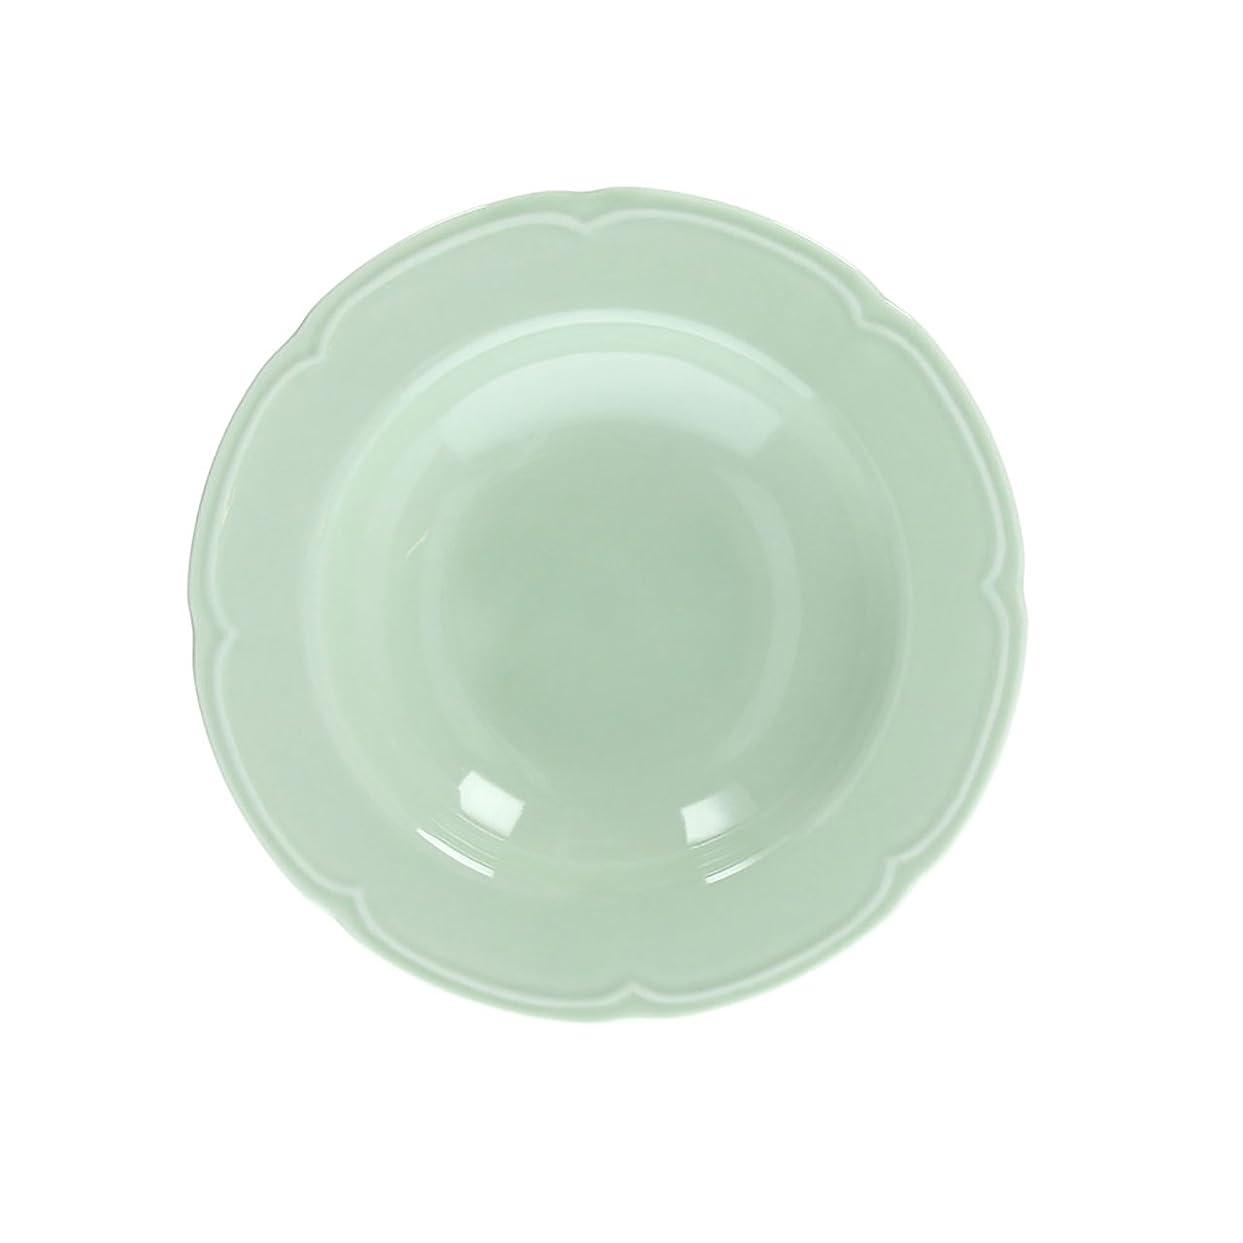 不安定な資格情報もつれスープ皿 18.5cm 白い食器 割れにくい食器 強化磁器 美濃焼 中華食器